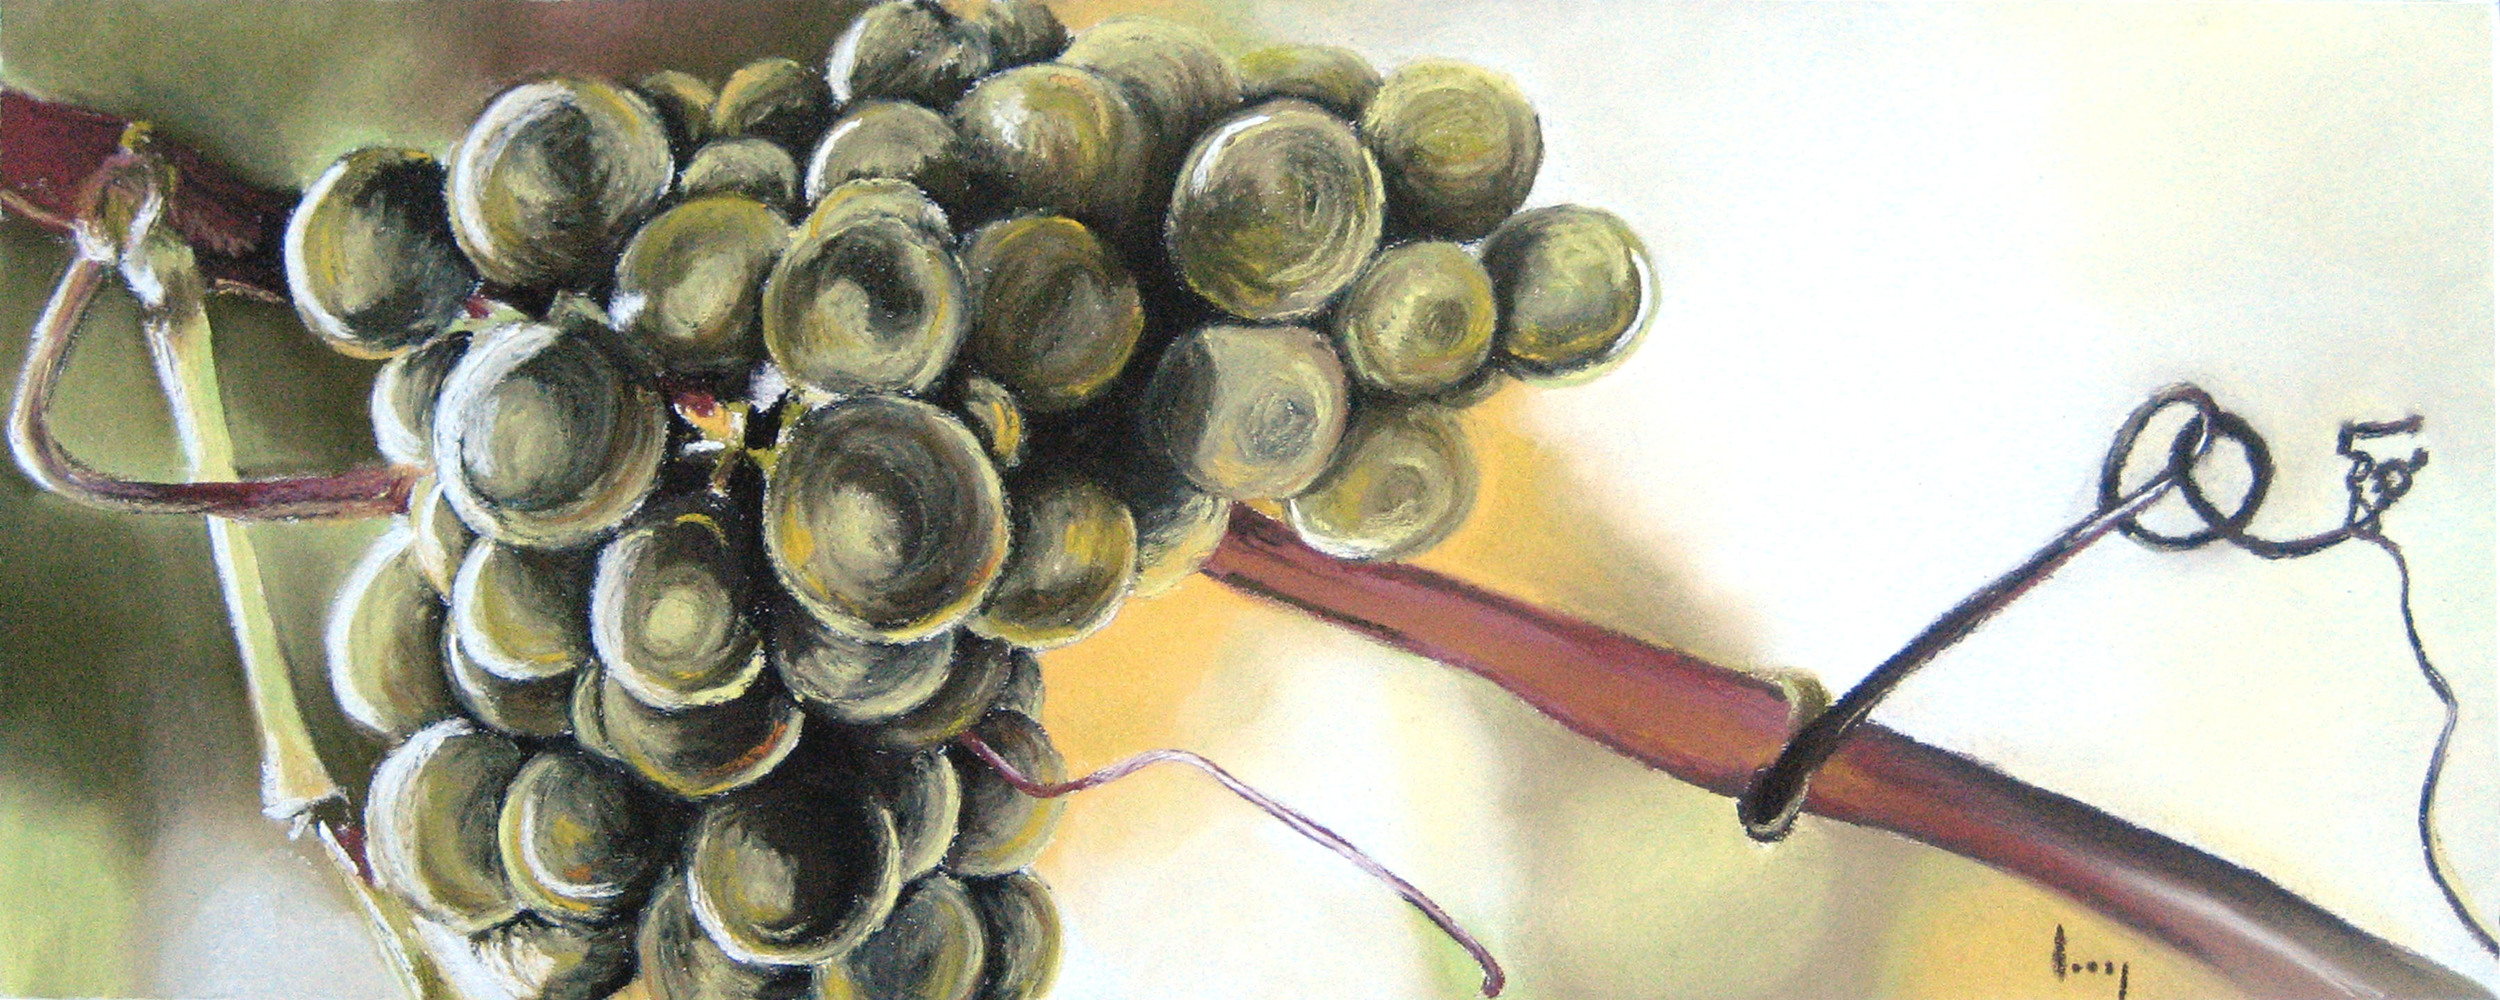 Green Grapes, 2007